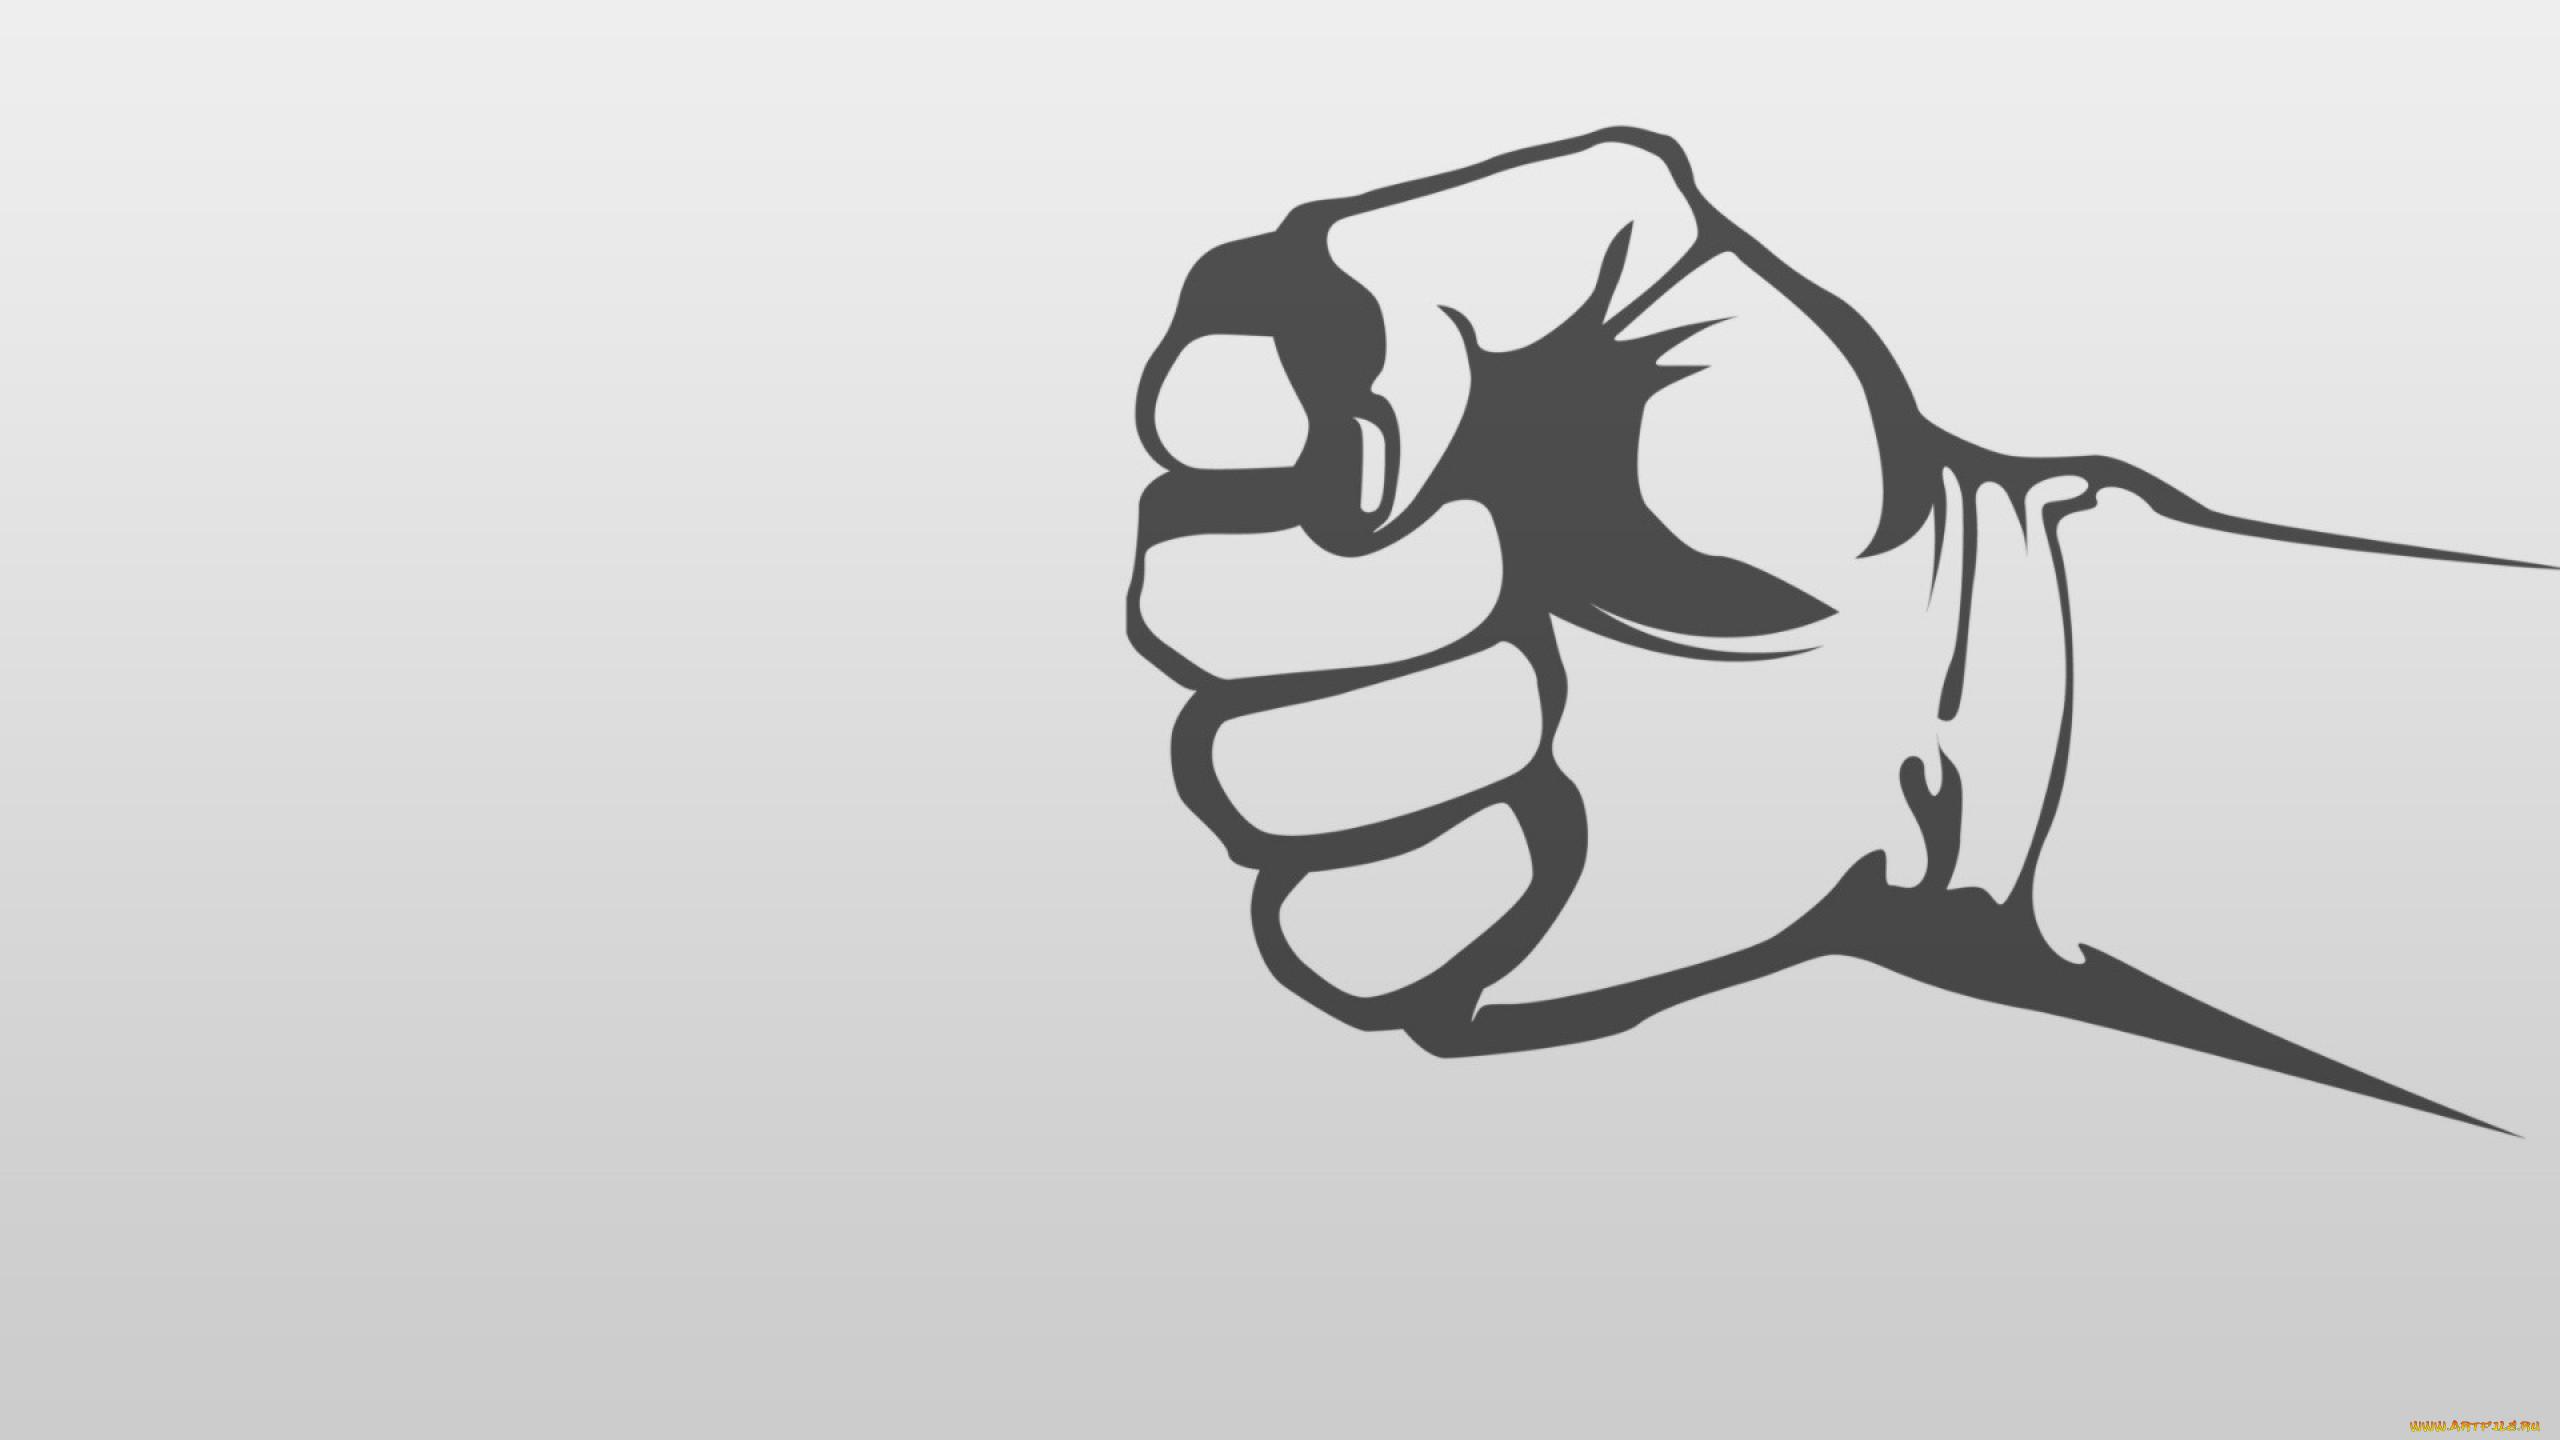 картинка кулак и другие для создания фоторобота